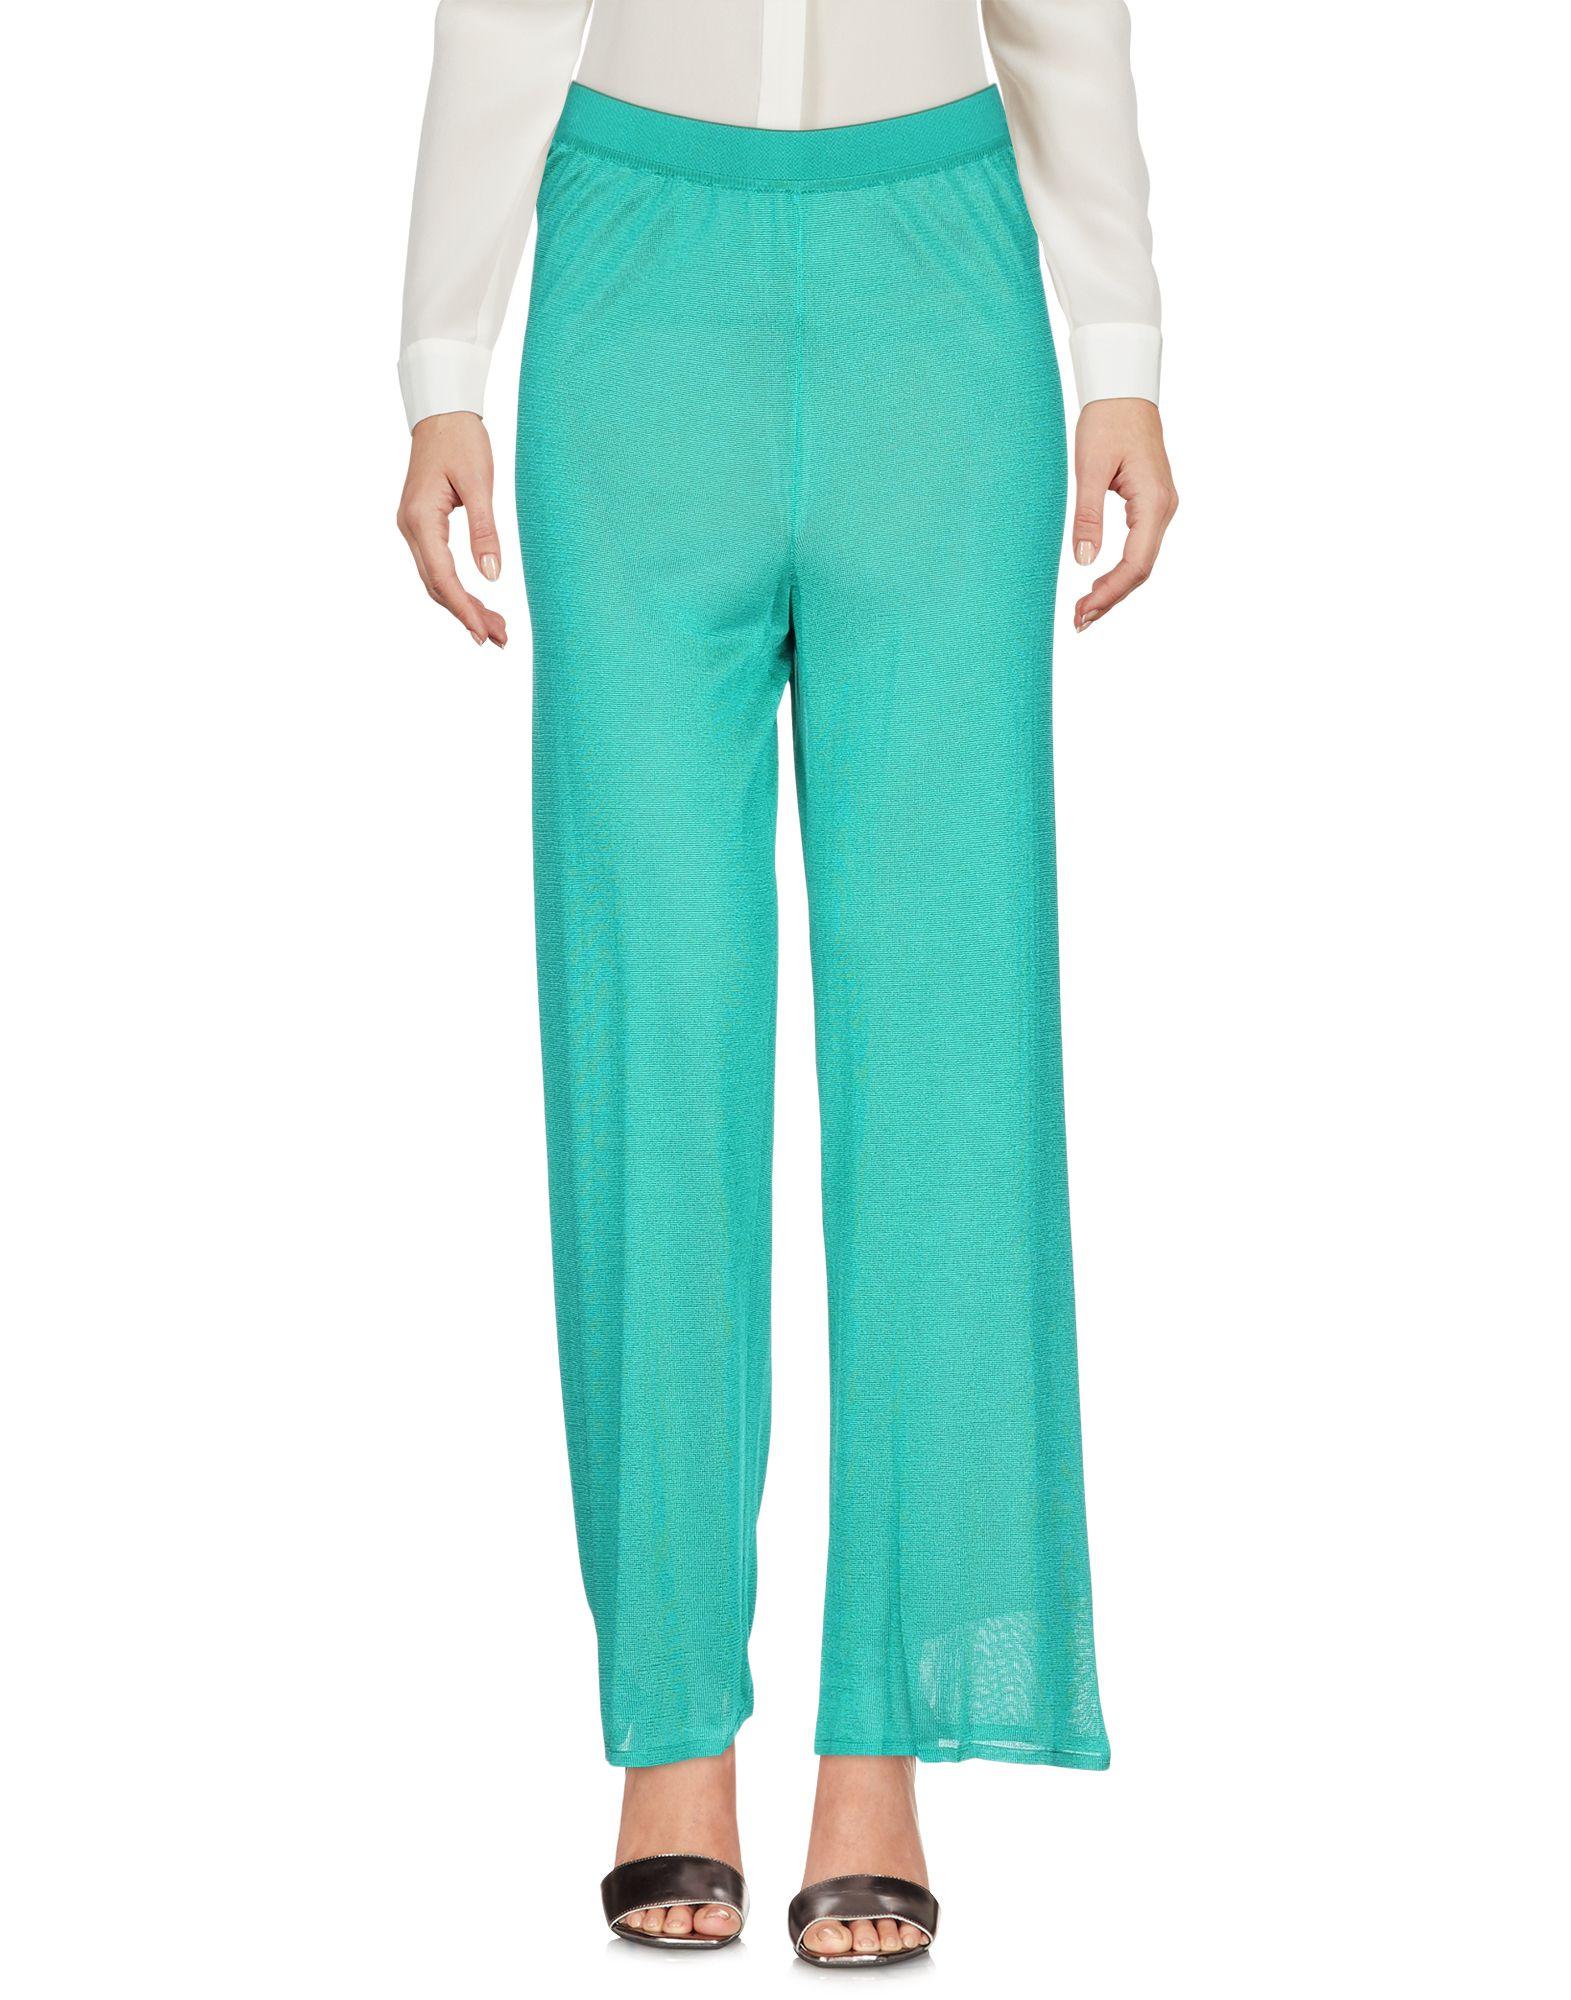 Pantalone Missoni Donna - Acquista online su bouFsT7gGf